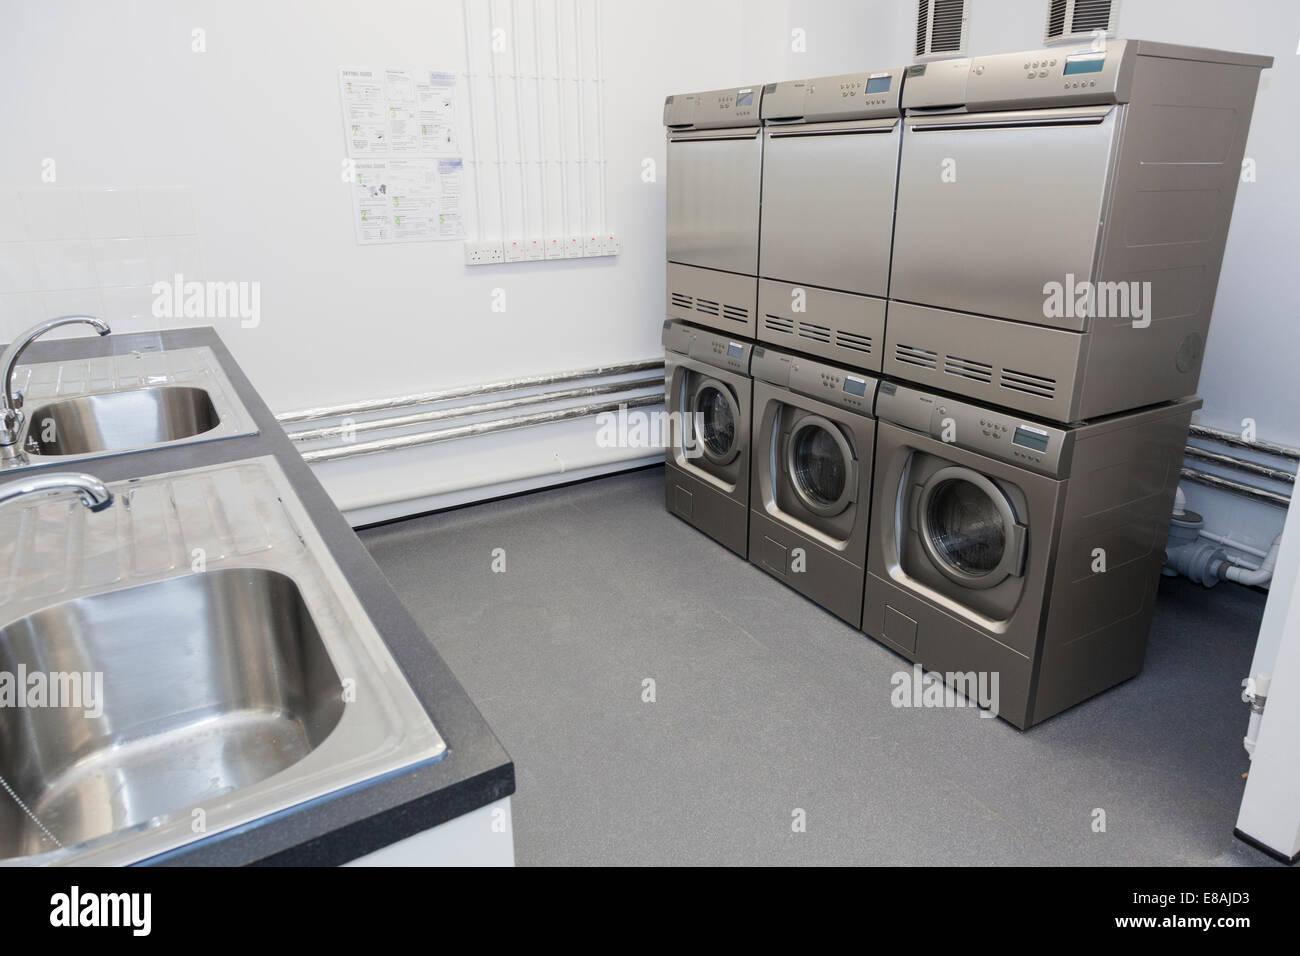 Gemeinschaftliche waschküche mit waschmaschinen und wäschetrockner